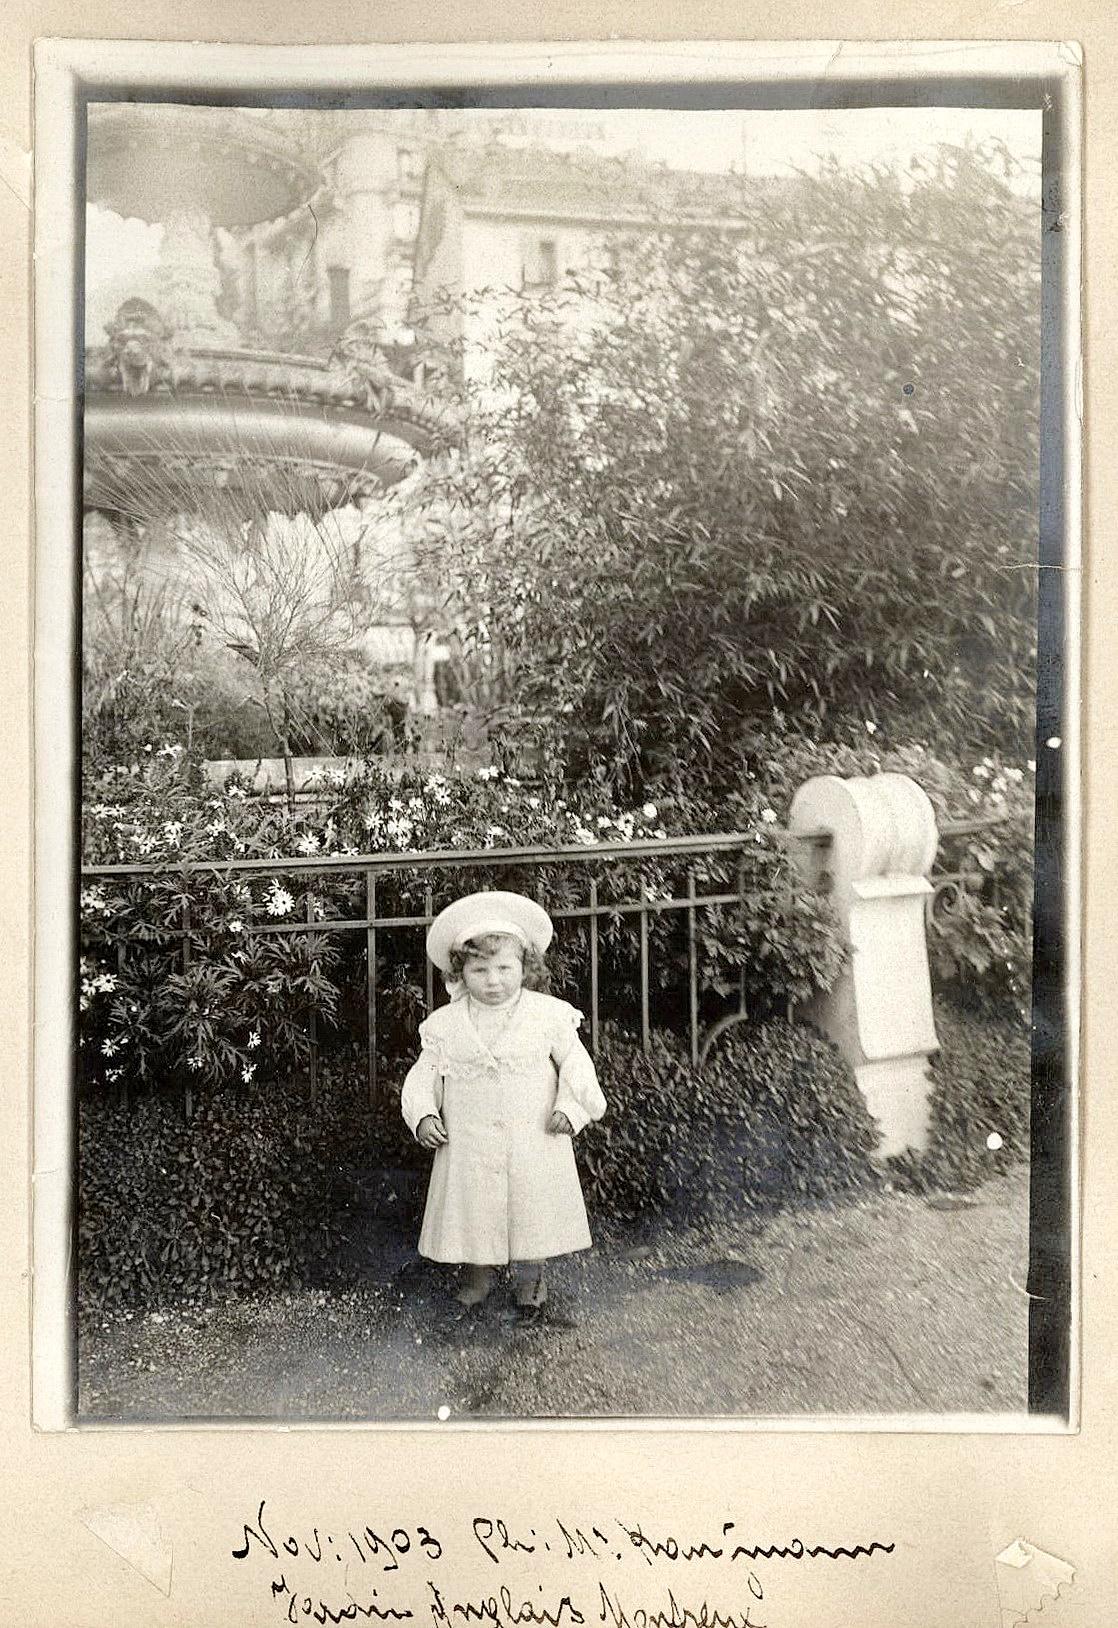 Le jardin anglais montreux notre histoire for Jardin anglais histoire